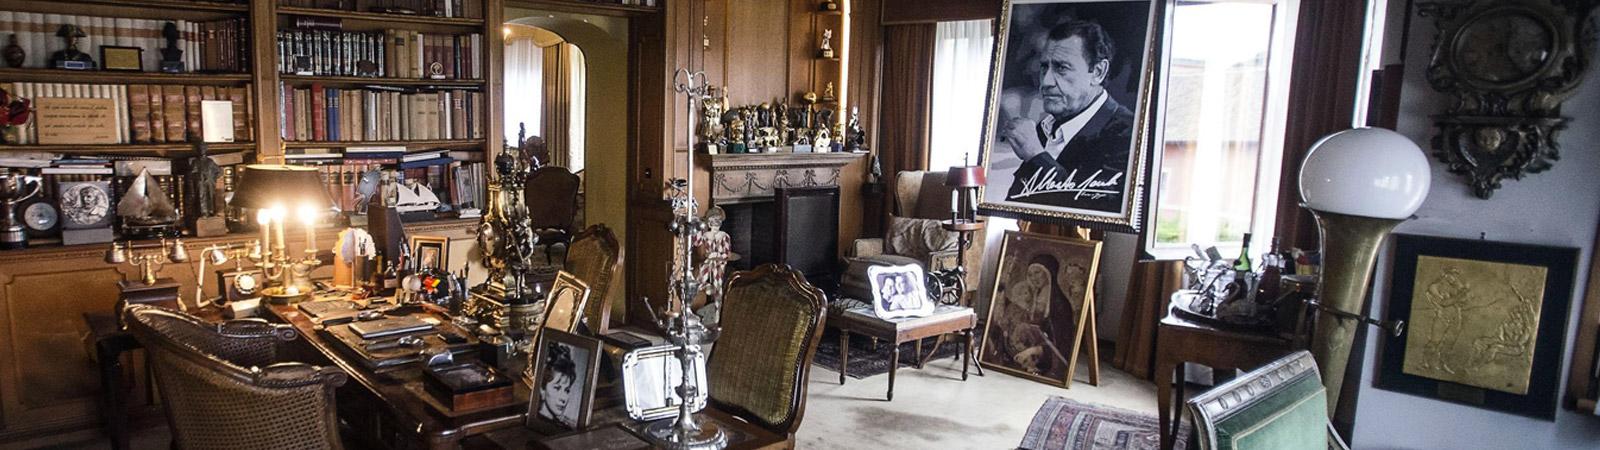 Villa sordi a roma la casa di alberto sordi nella for Case vip roma